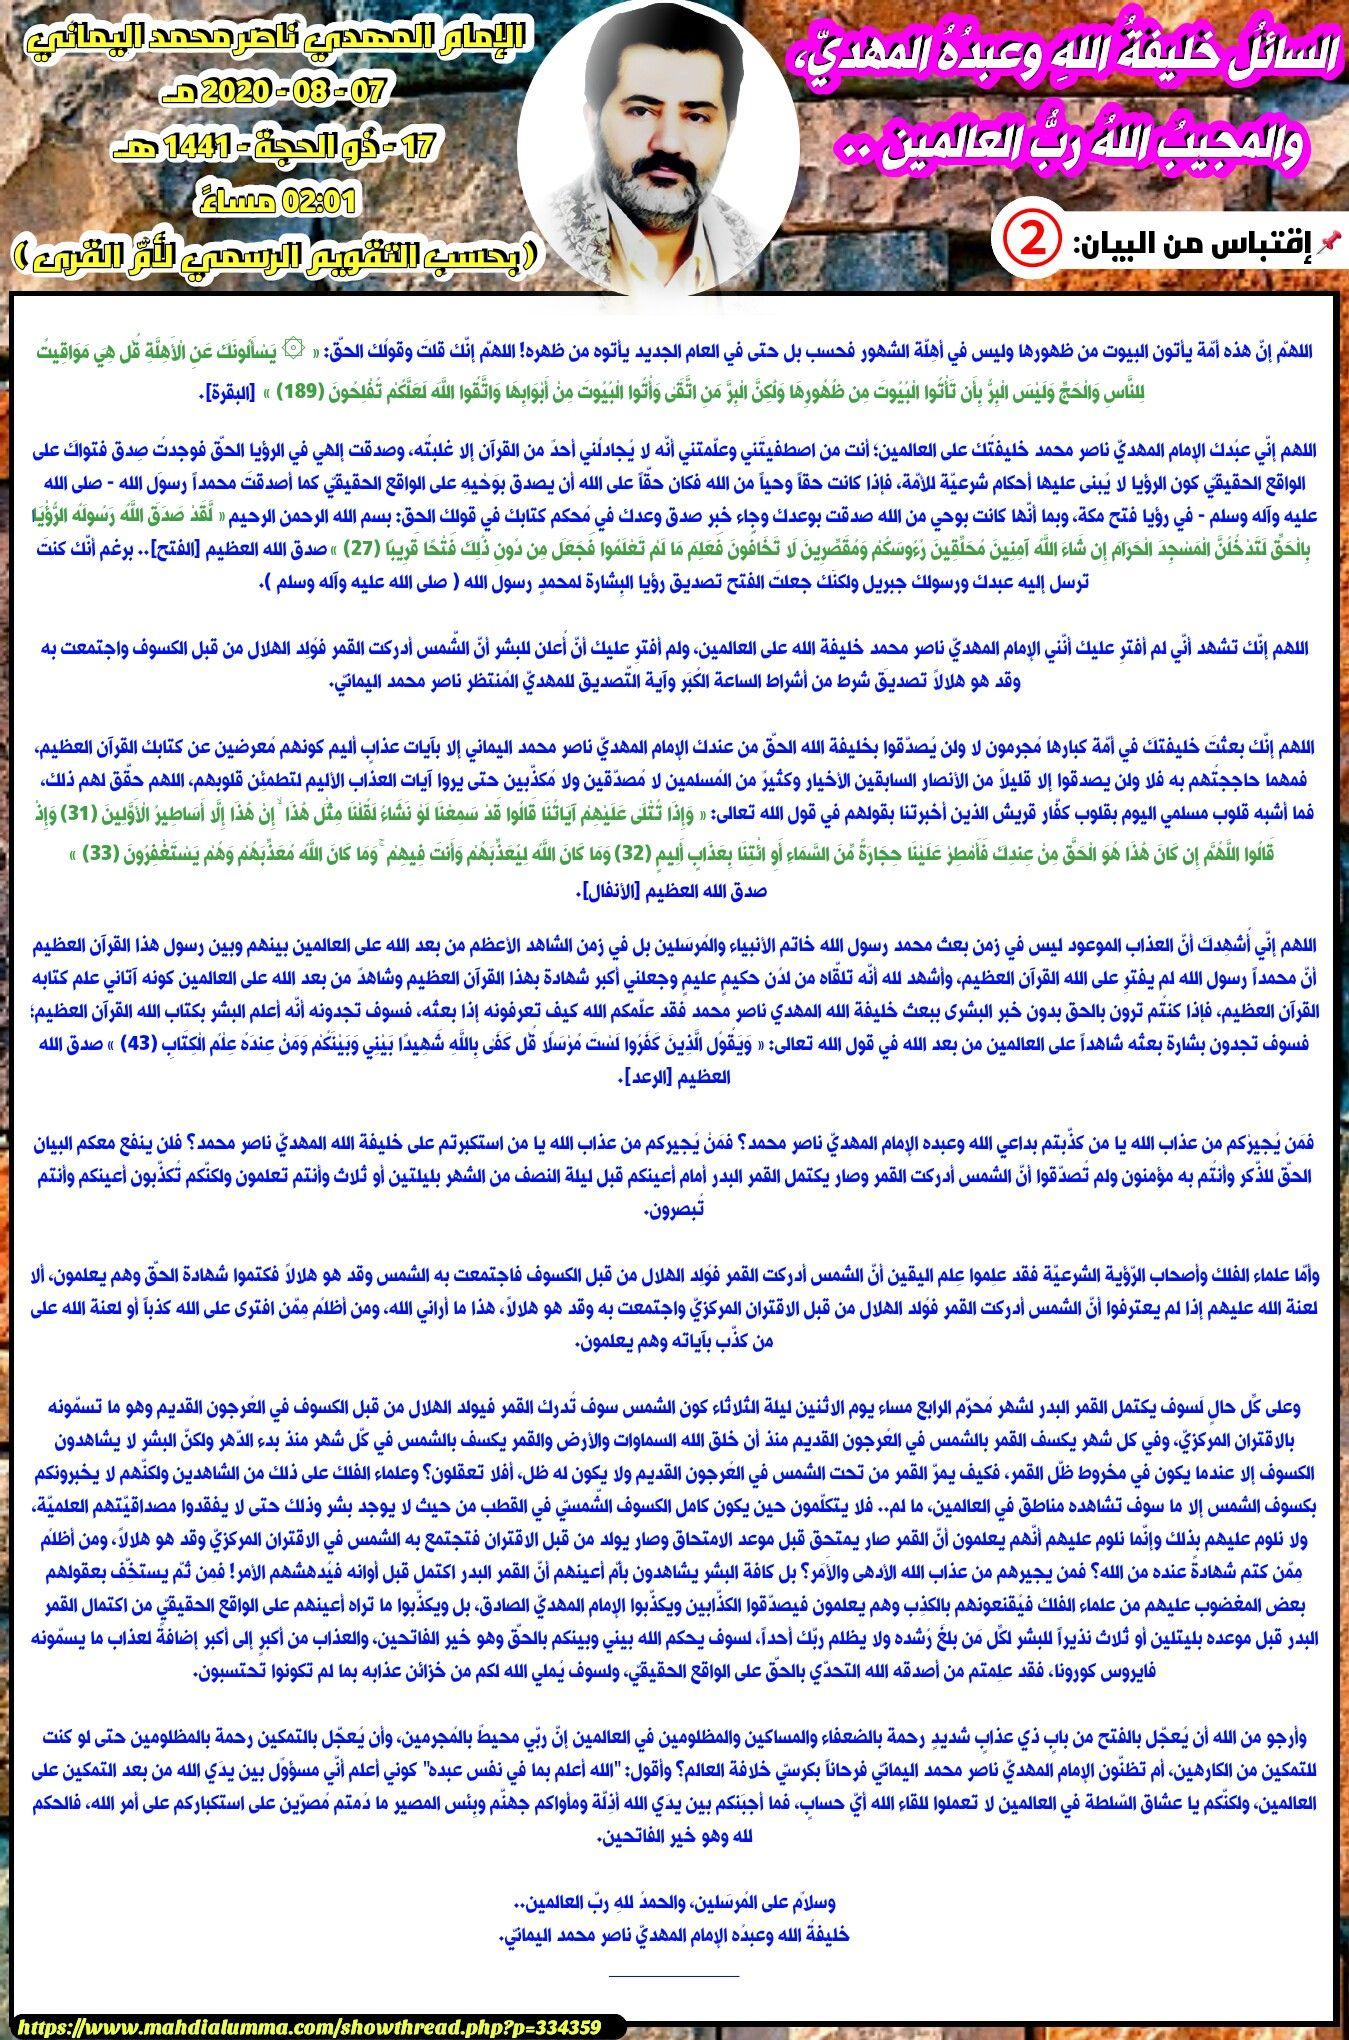 25 2 السائل خليفة الله وعبد ه المهدي والمجيب الله رب العالمين 07 08 2020